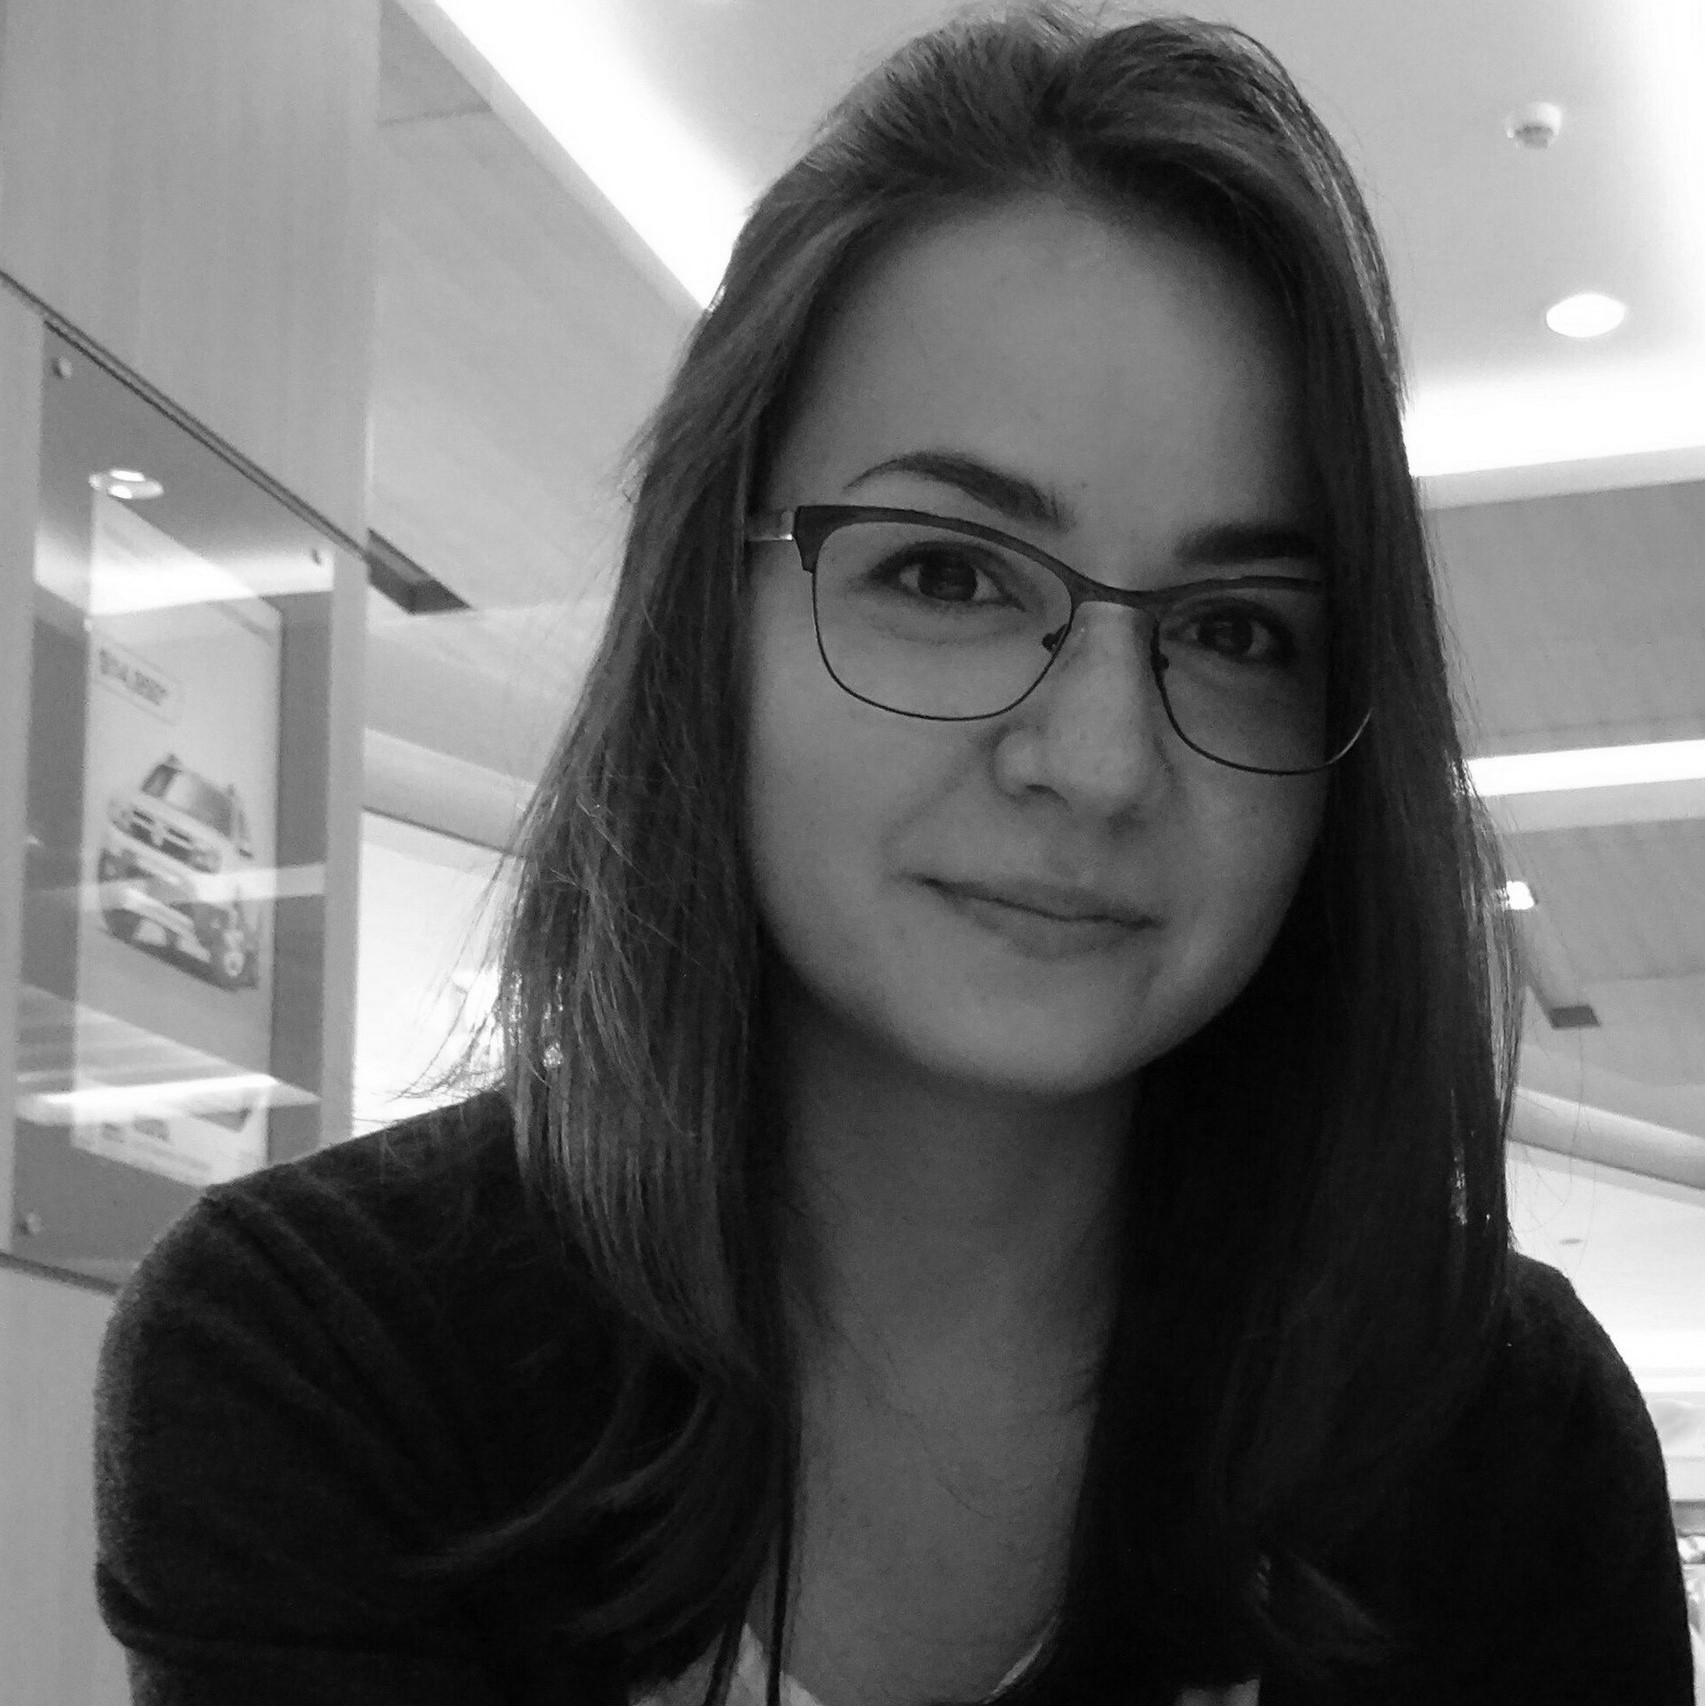 Анаит Багдасарян